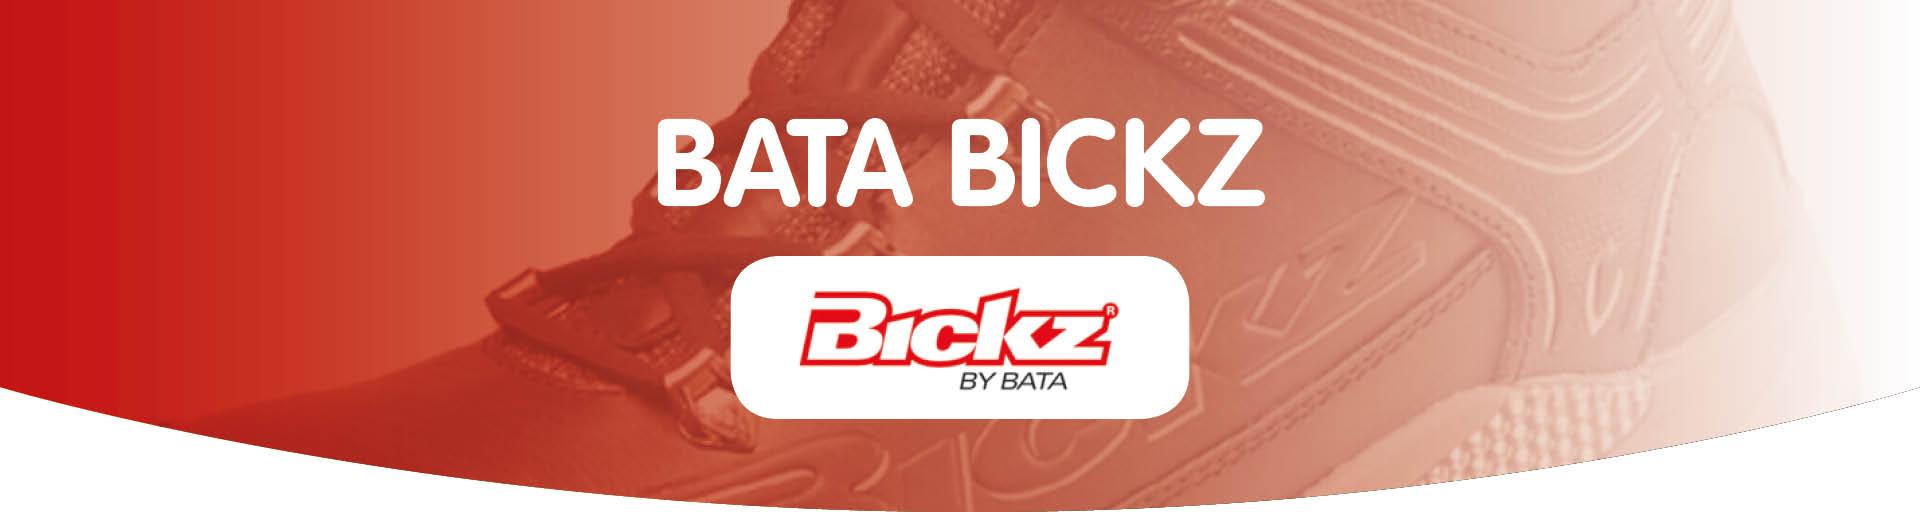 Bata Bickz